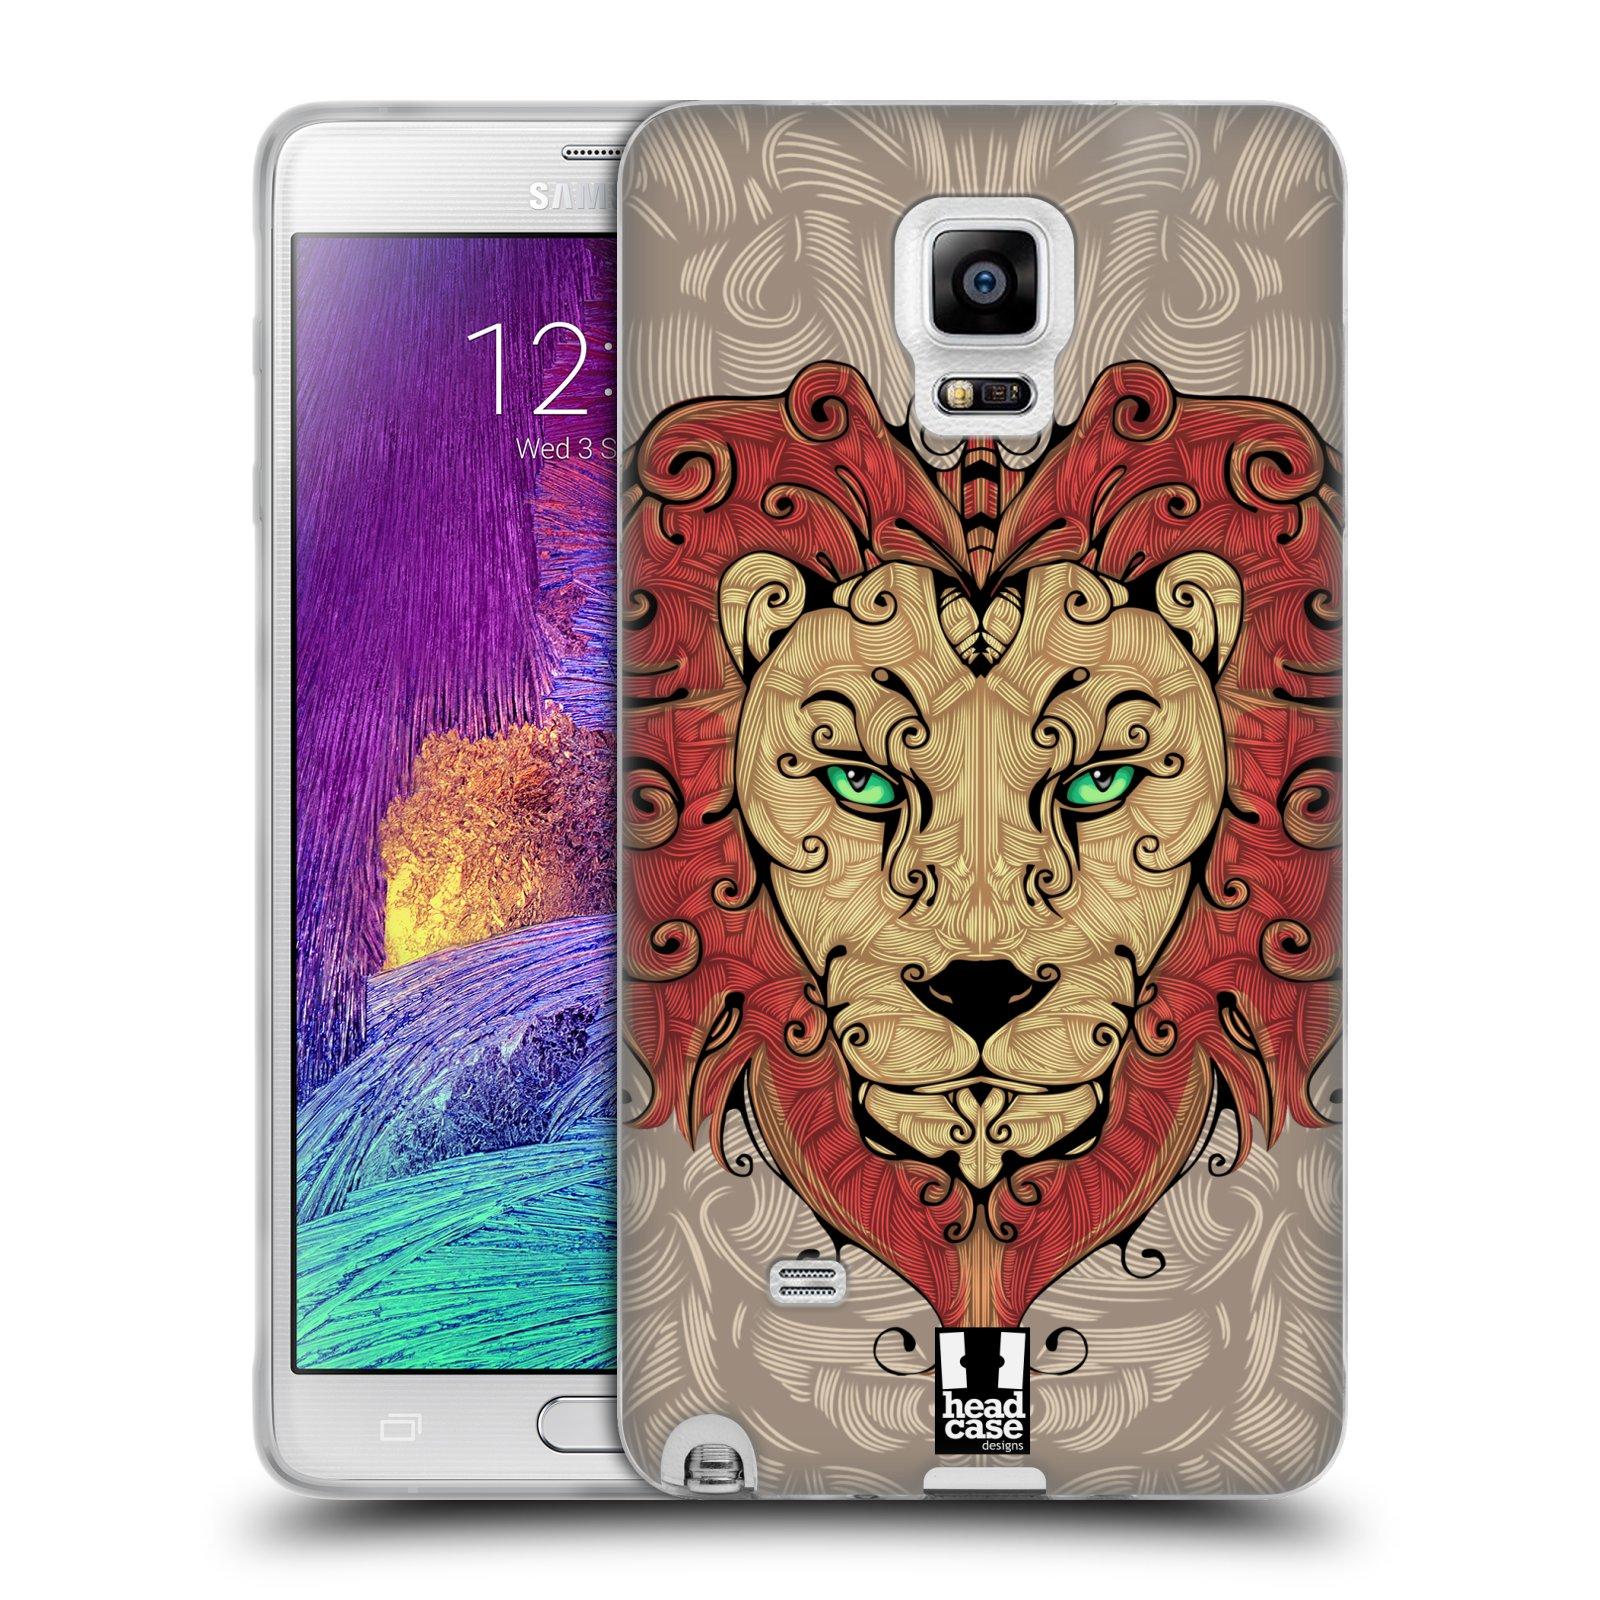 HEAD CASE silikonový obal na mobil Samsung Galaxy Note 4 (N910) vzor kudrlinky zvíře lev